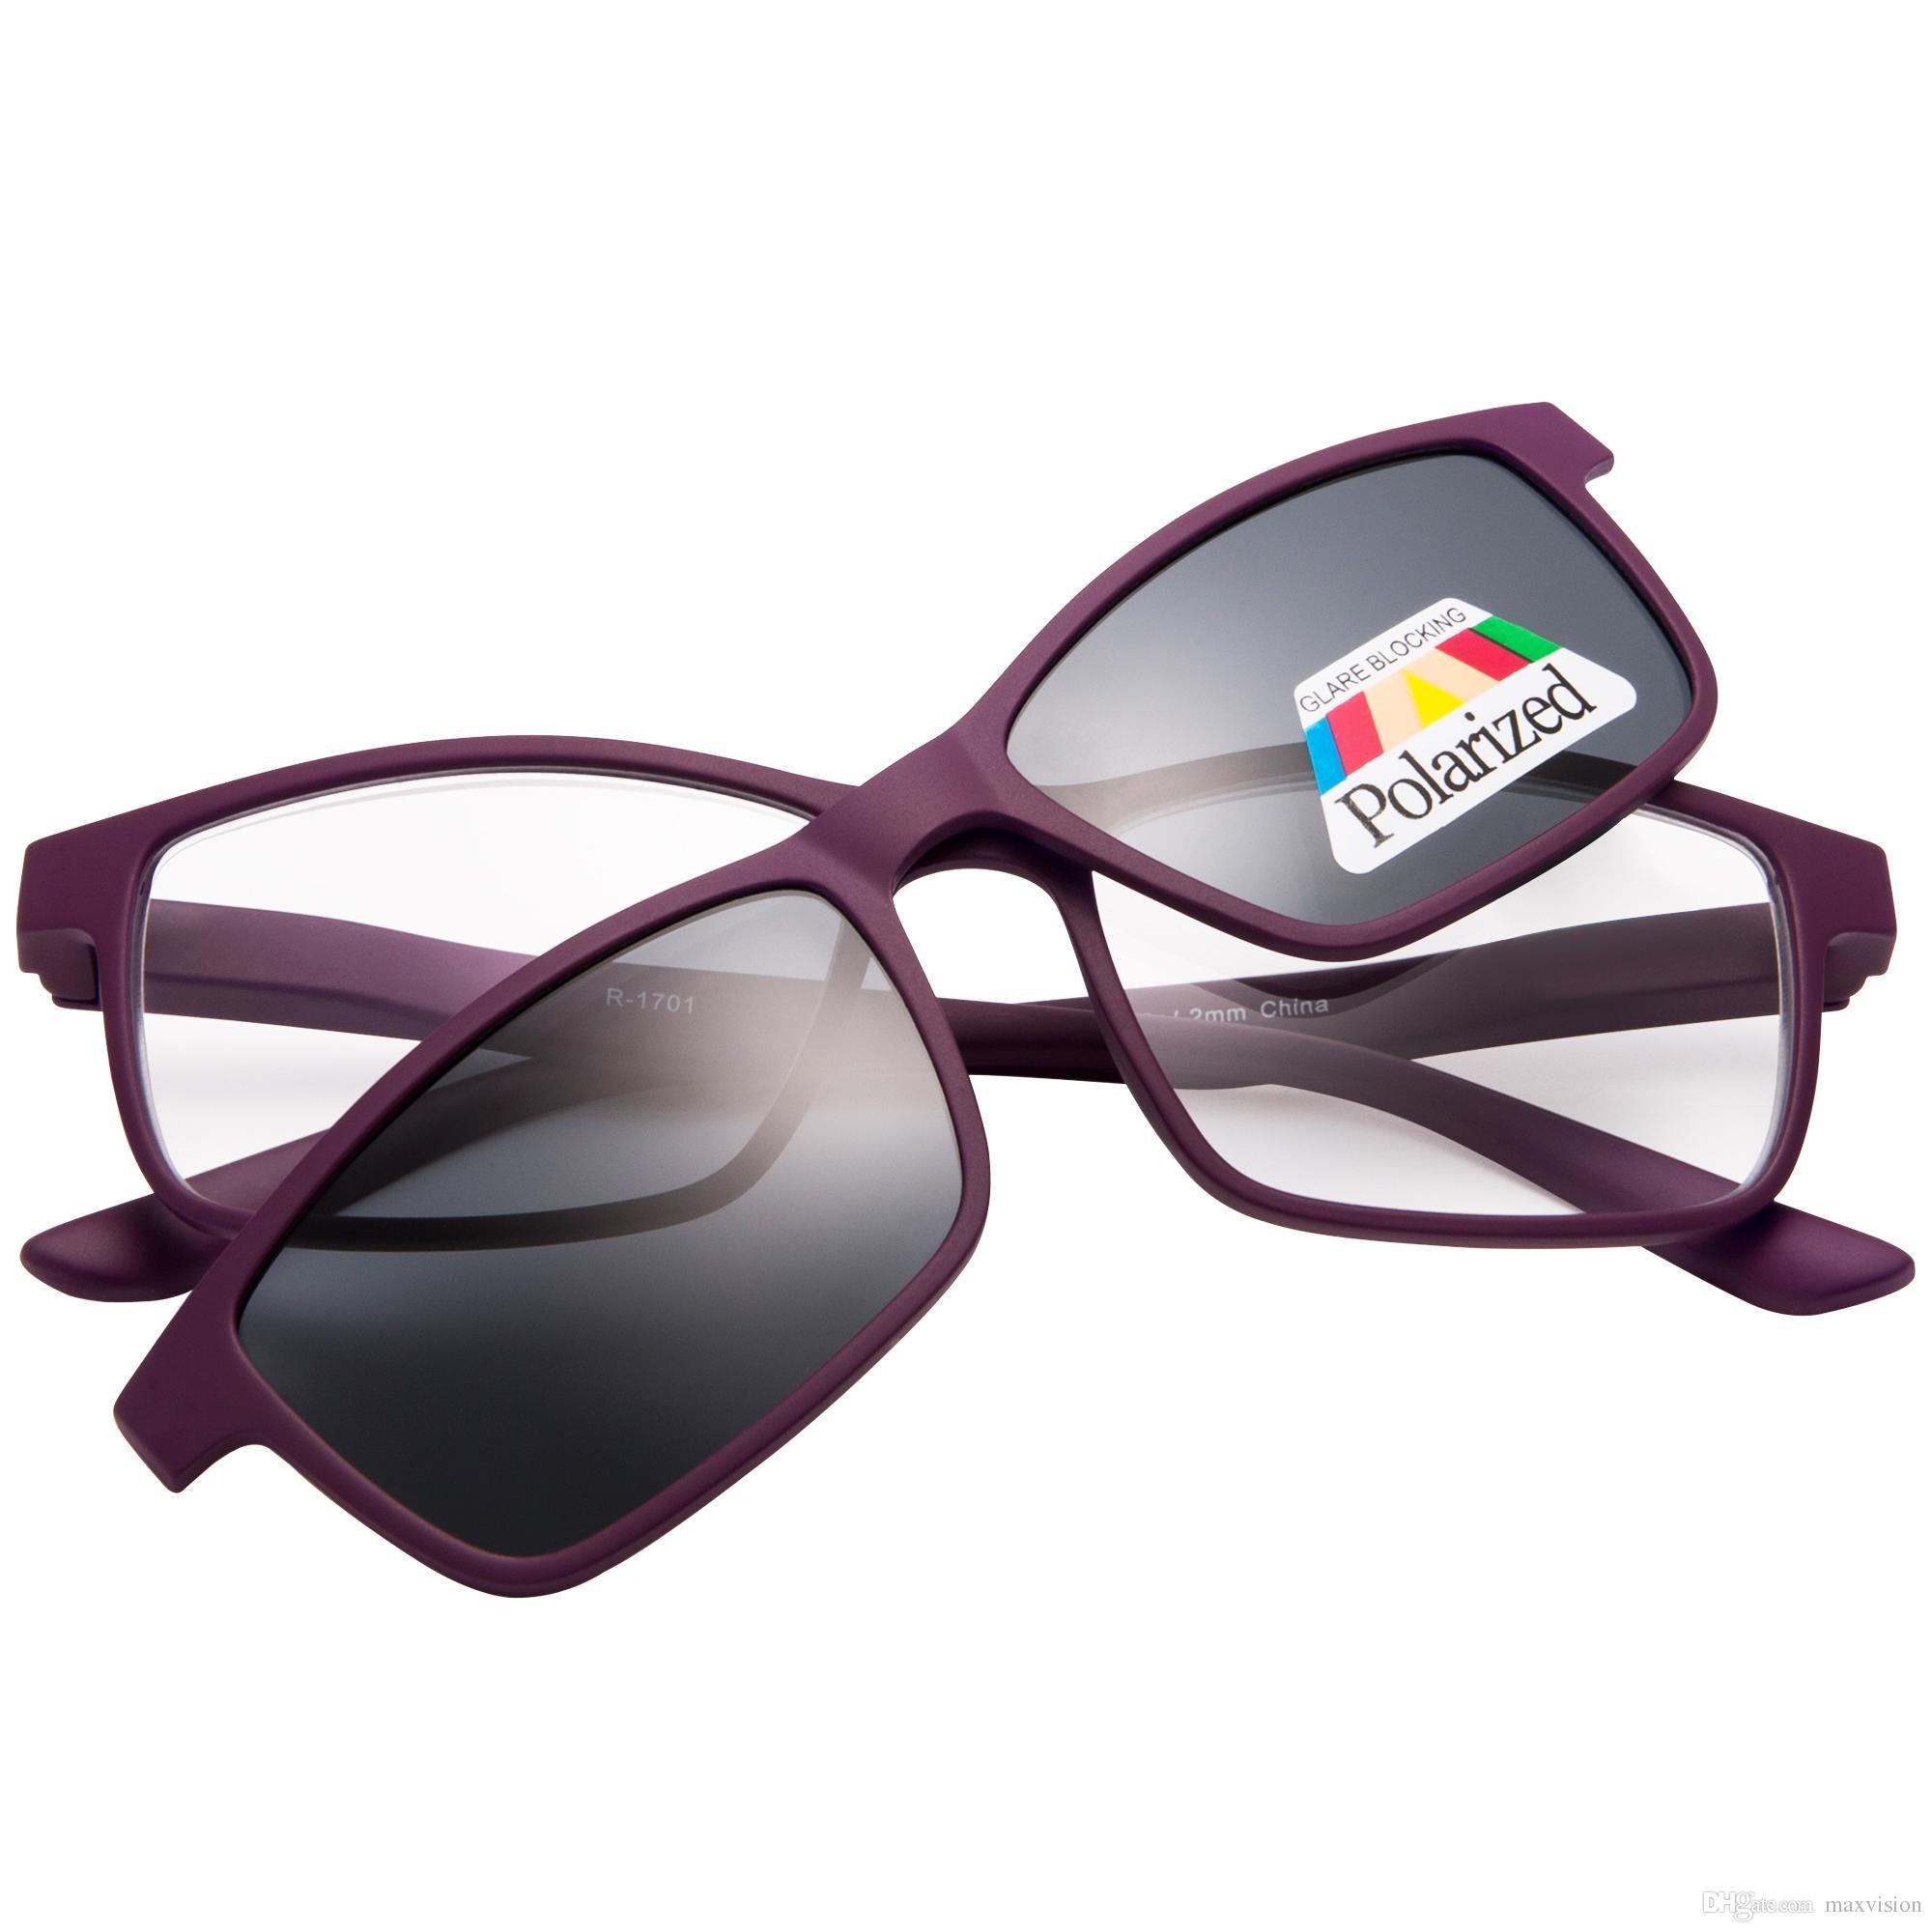 59c3ca0b5 Compre Clipe Magnético Em Óculos De Sol Leitores De Sol Mulheres Homens  Unisex Óculos De Leitura Roxo De Maxvision, $14.73 | Pt.Dhgate.Com